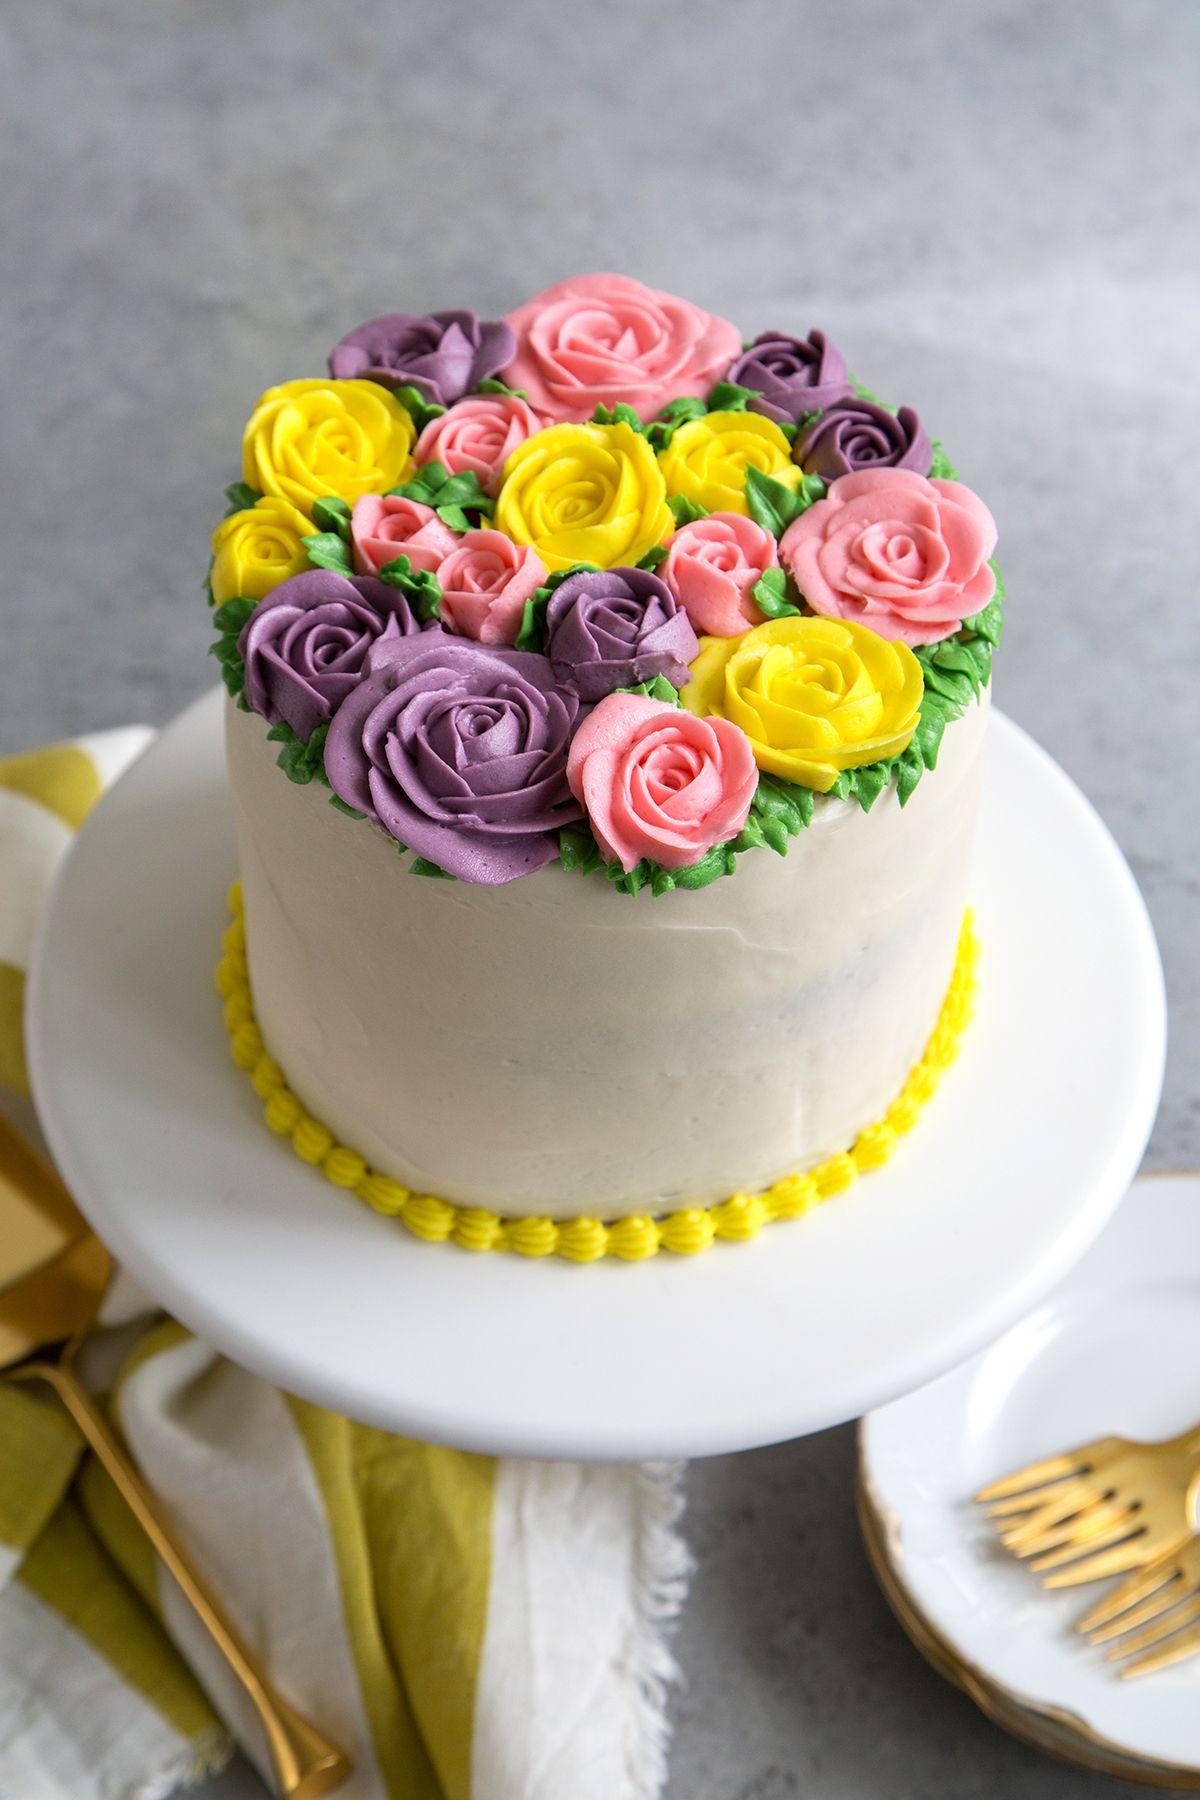 Buttercream Flowers Cake Recipe Buttercream flower